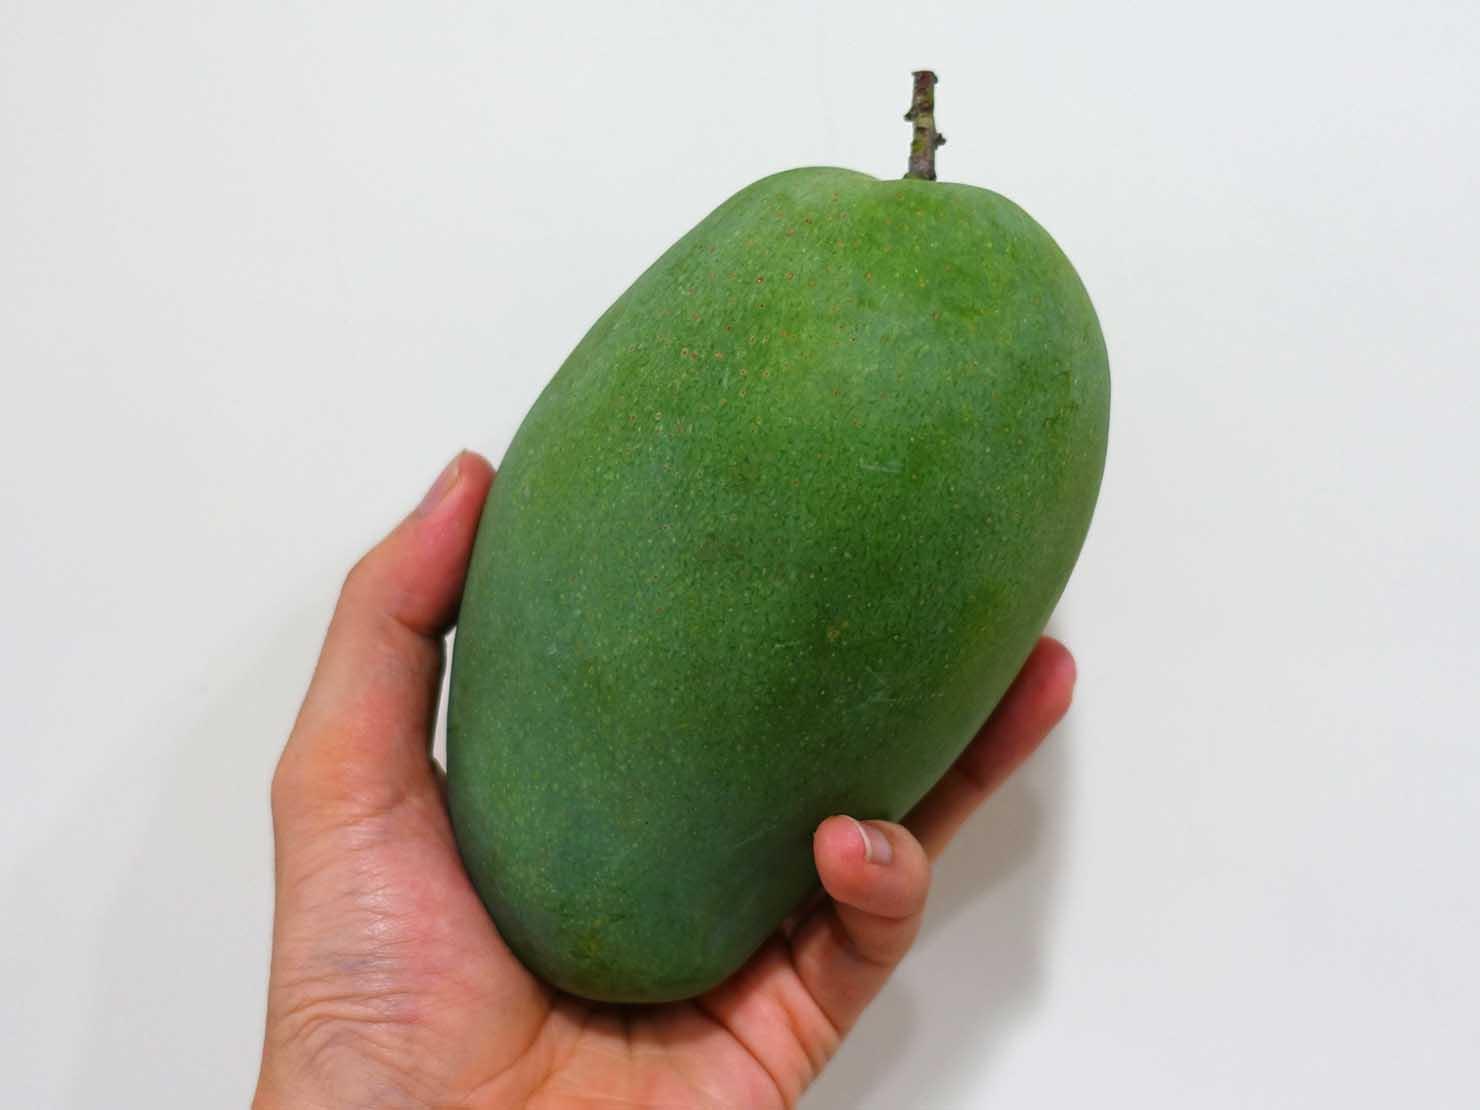 台湾のちょっと珍しい緑のマンゴー「烏香芒果」が熟れる前